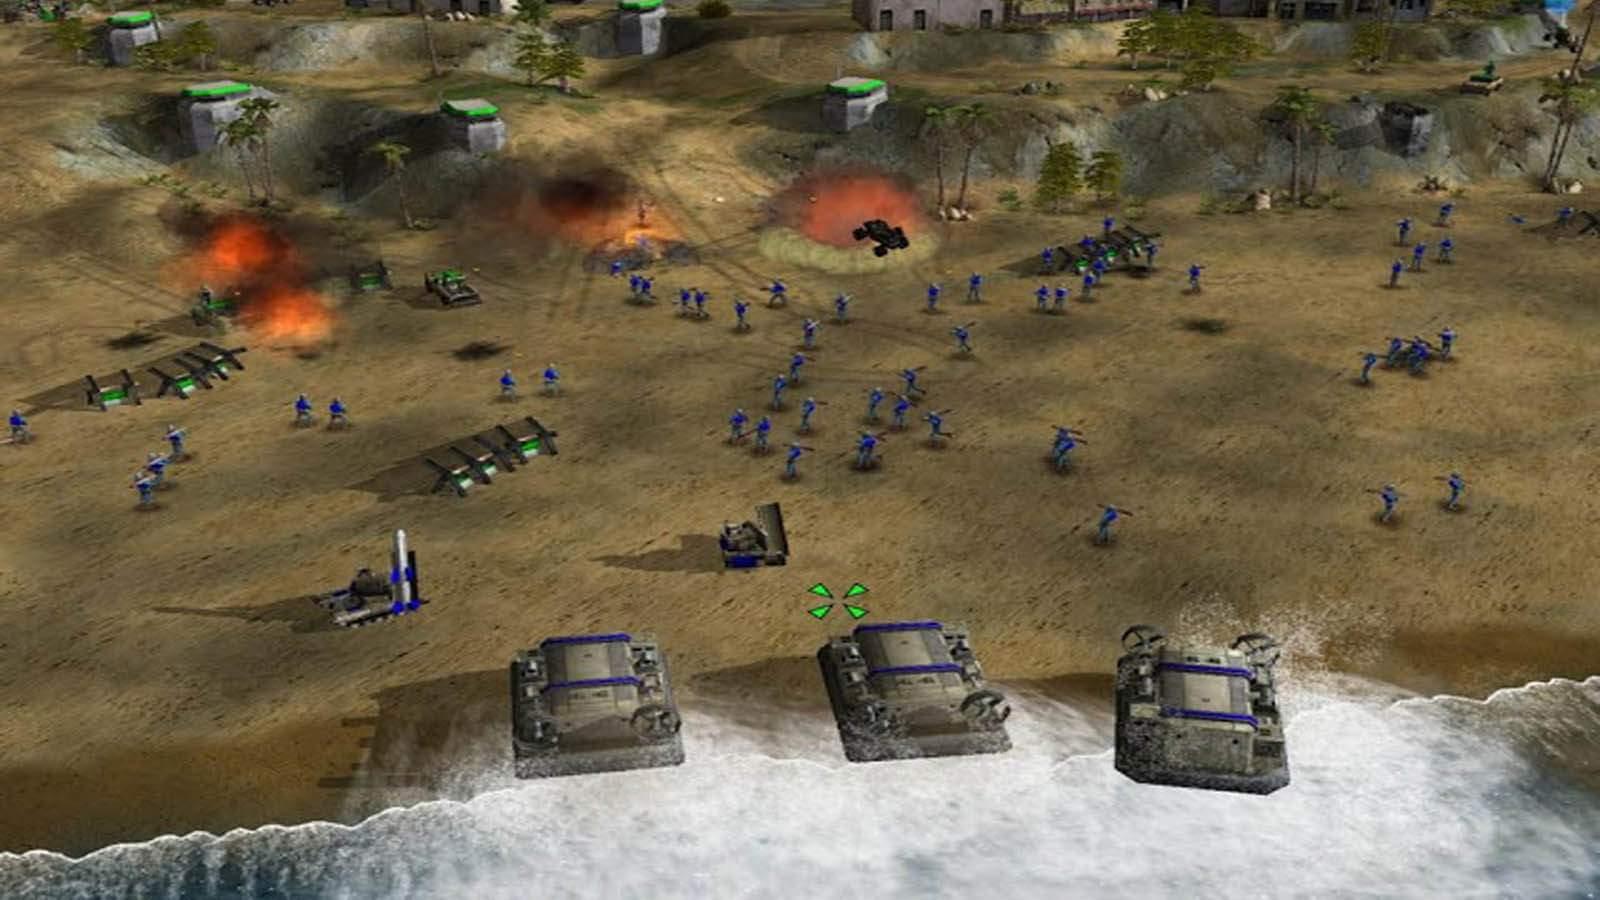 تحميل لعبة Command And Conquer Generals مضغوطة برابط واحد مباشر كاملة مجانا